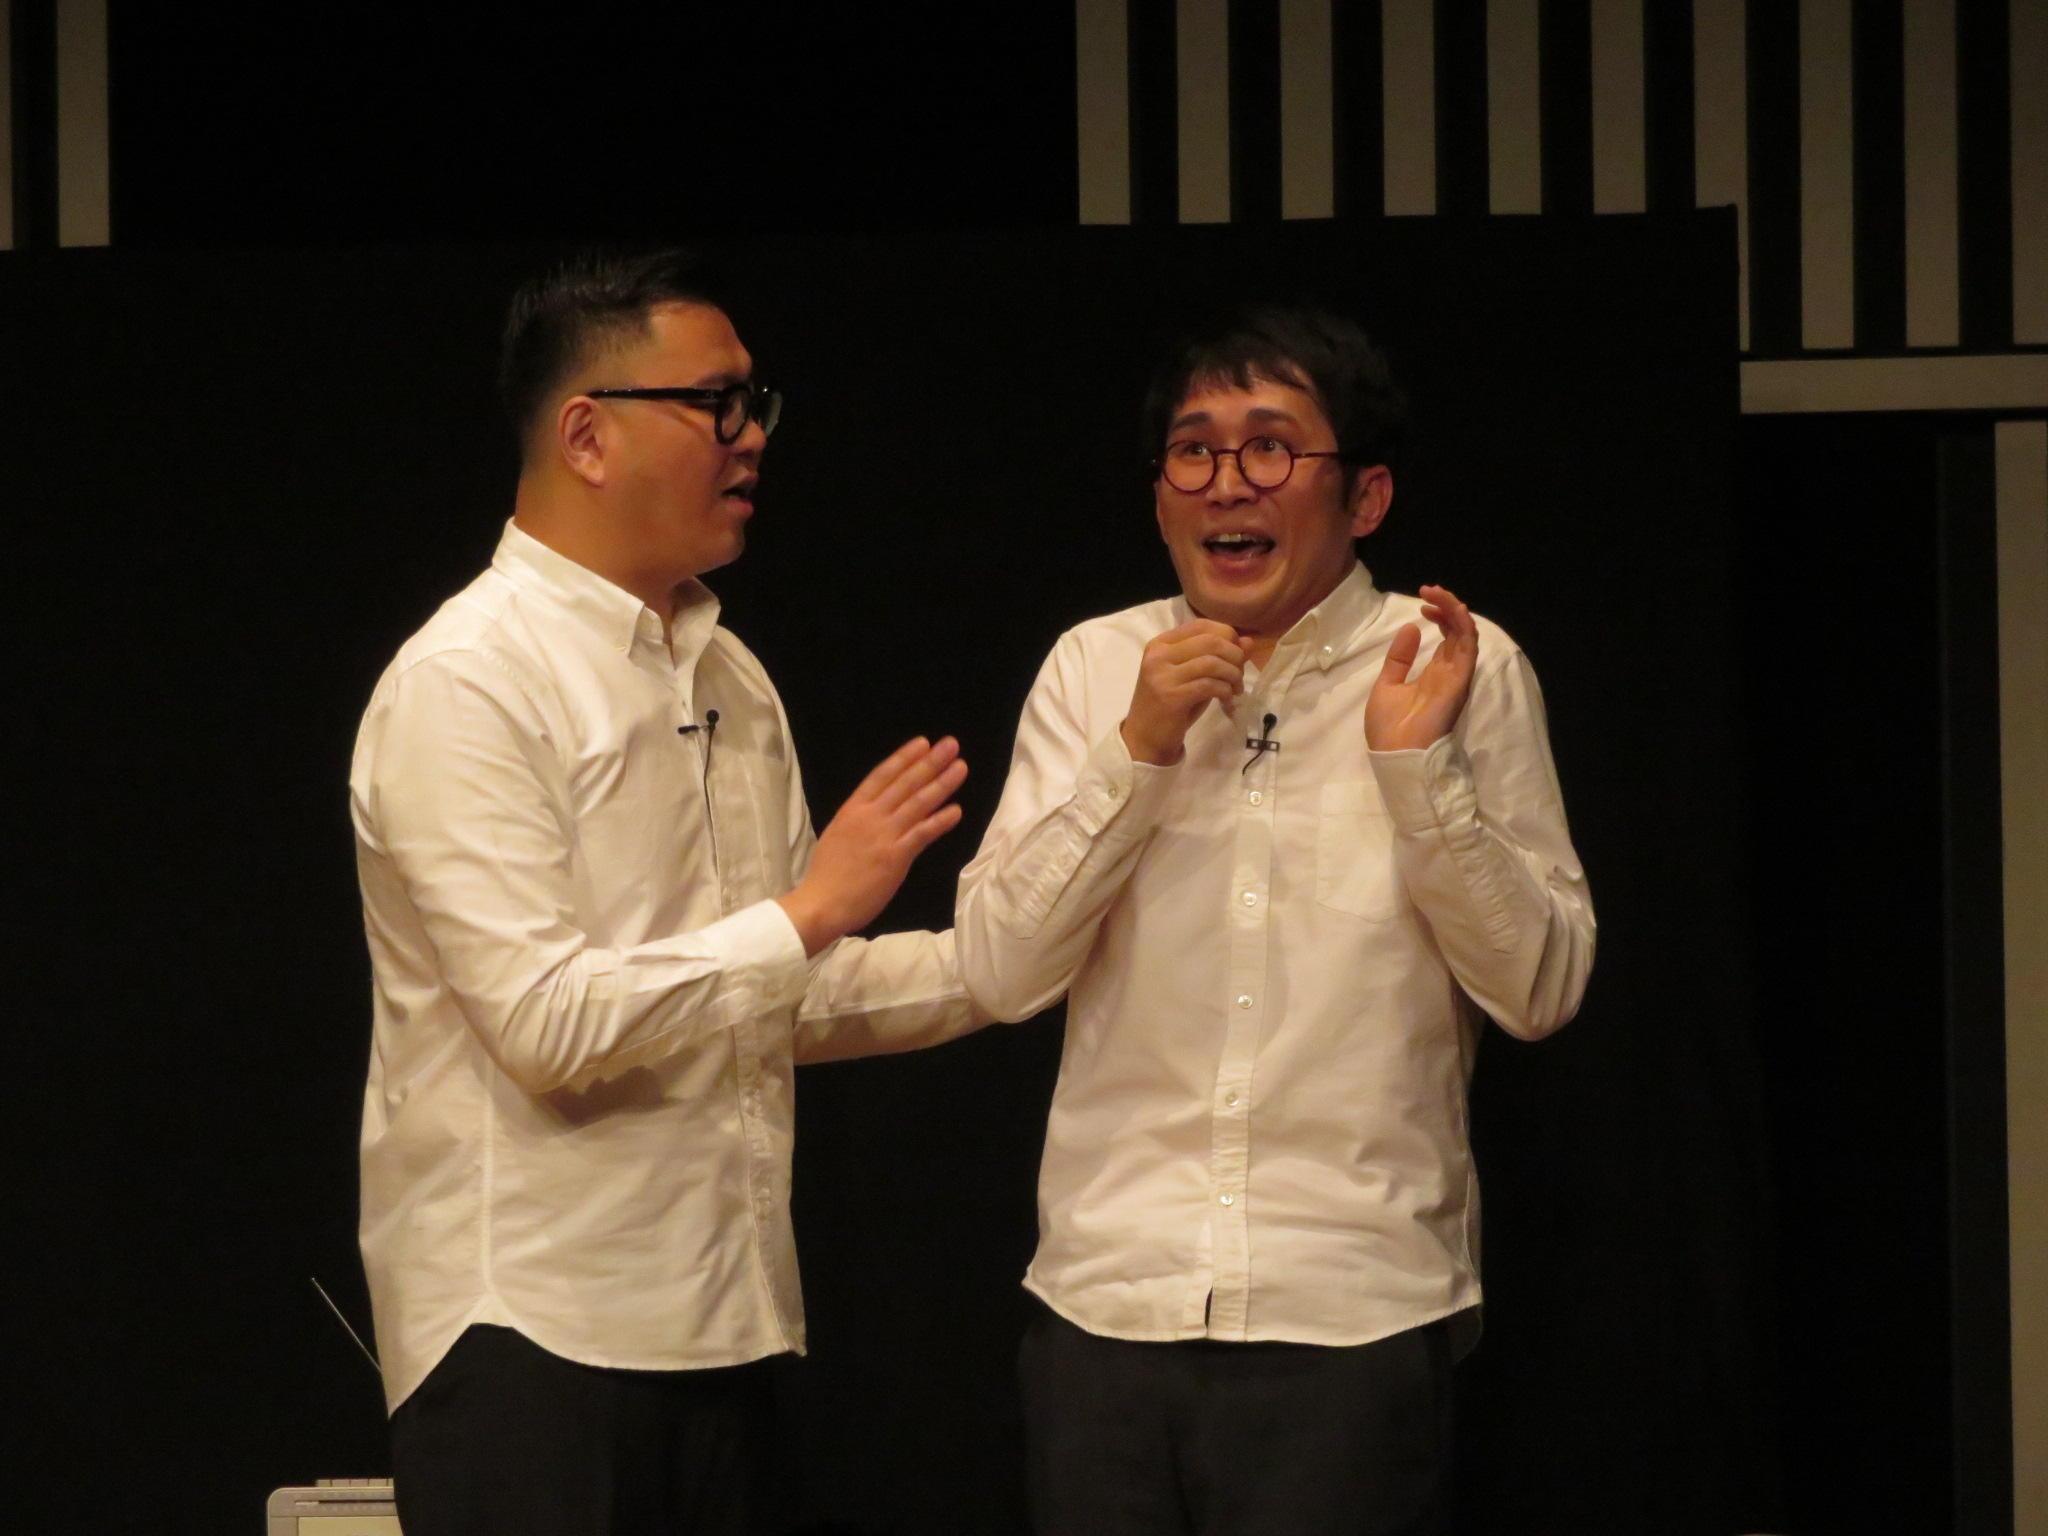 http://news.yoshimoto.co.jp/20180306205903-bd9f2071949ab6316d0b39dcc7a835d1d2ce992b.jpg